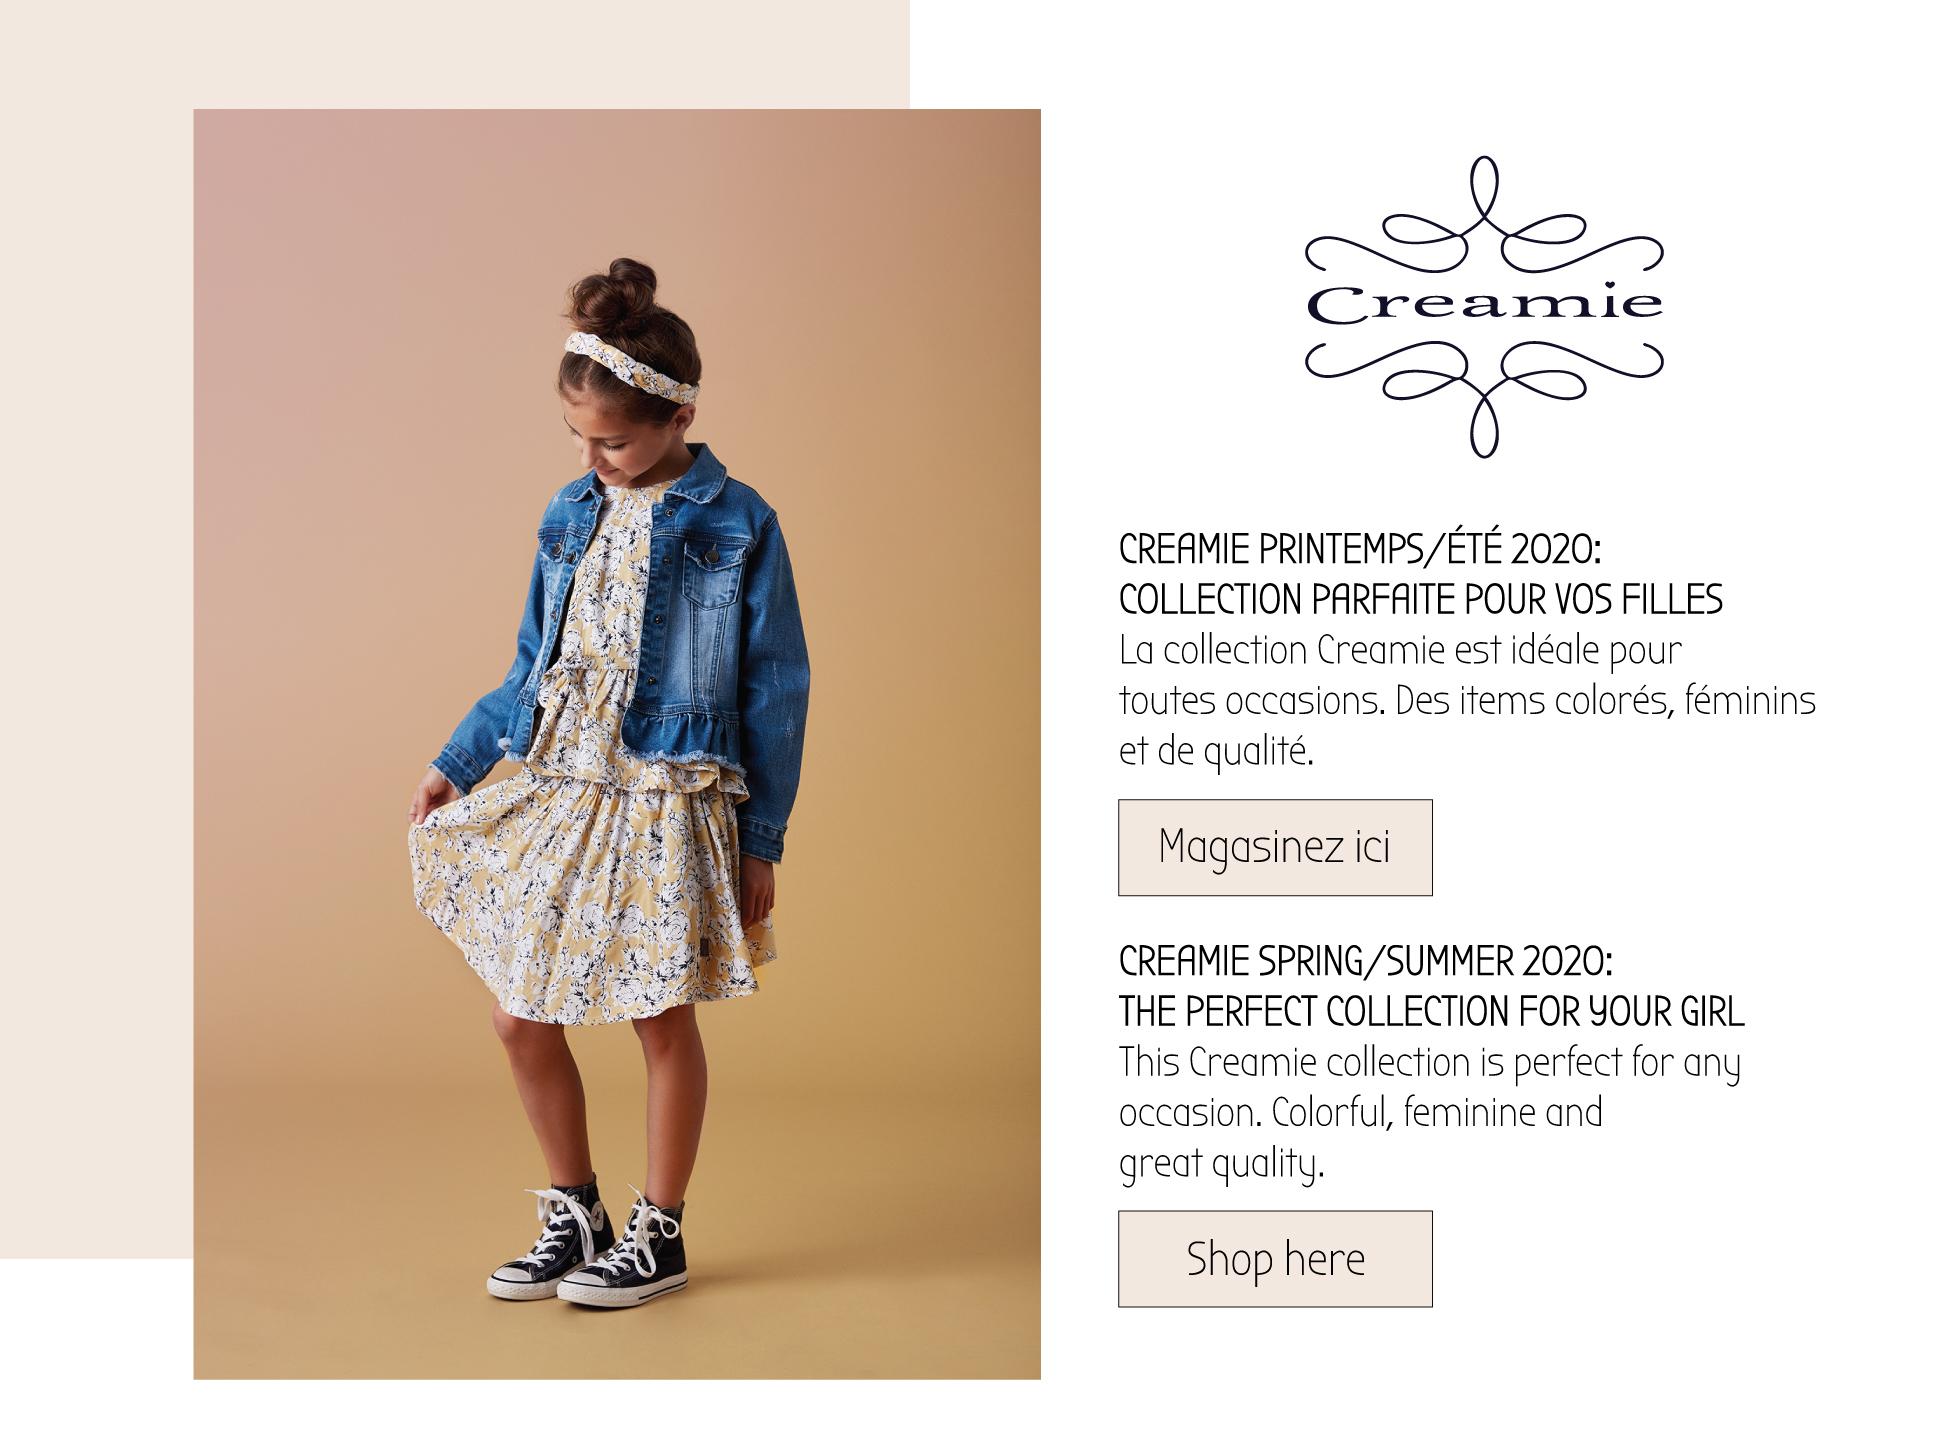 creamie-2020-06-10-3.jpg